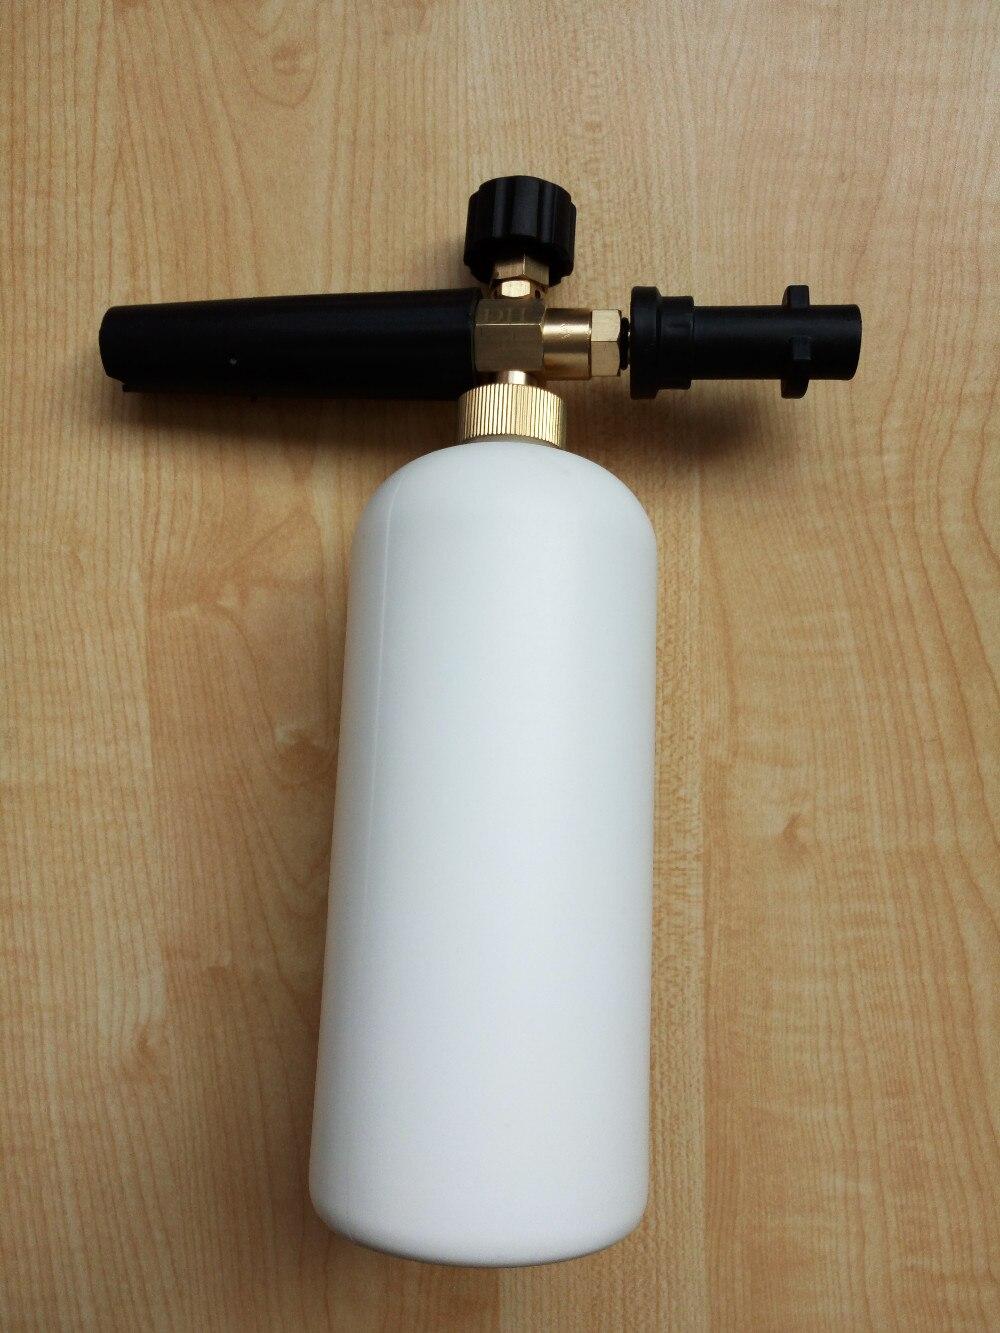 achetez en gros savon nettoyeur haute pression en ligne des grossistes savon nettoyeur haute. Black Bedroom Furniture Sets. Home Design Ideas